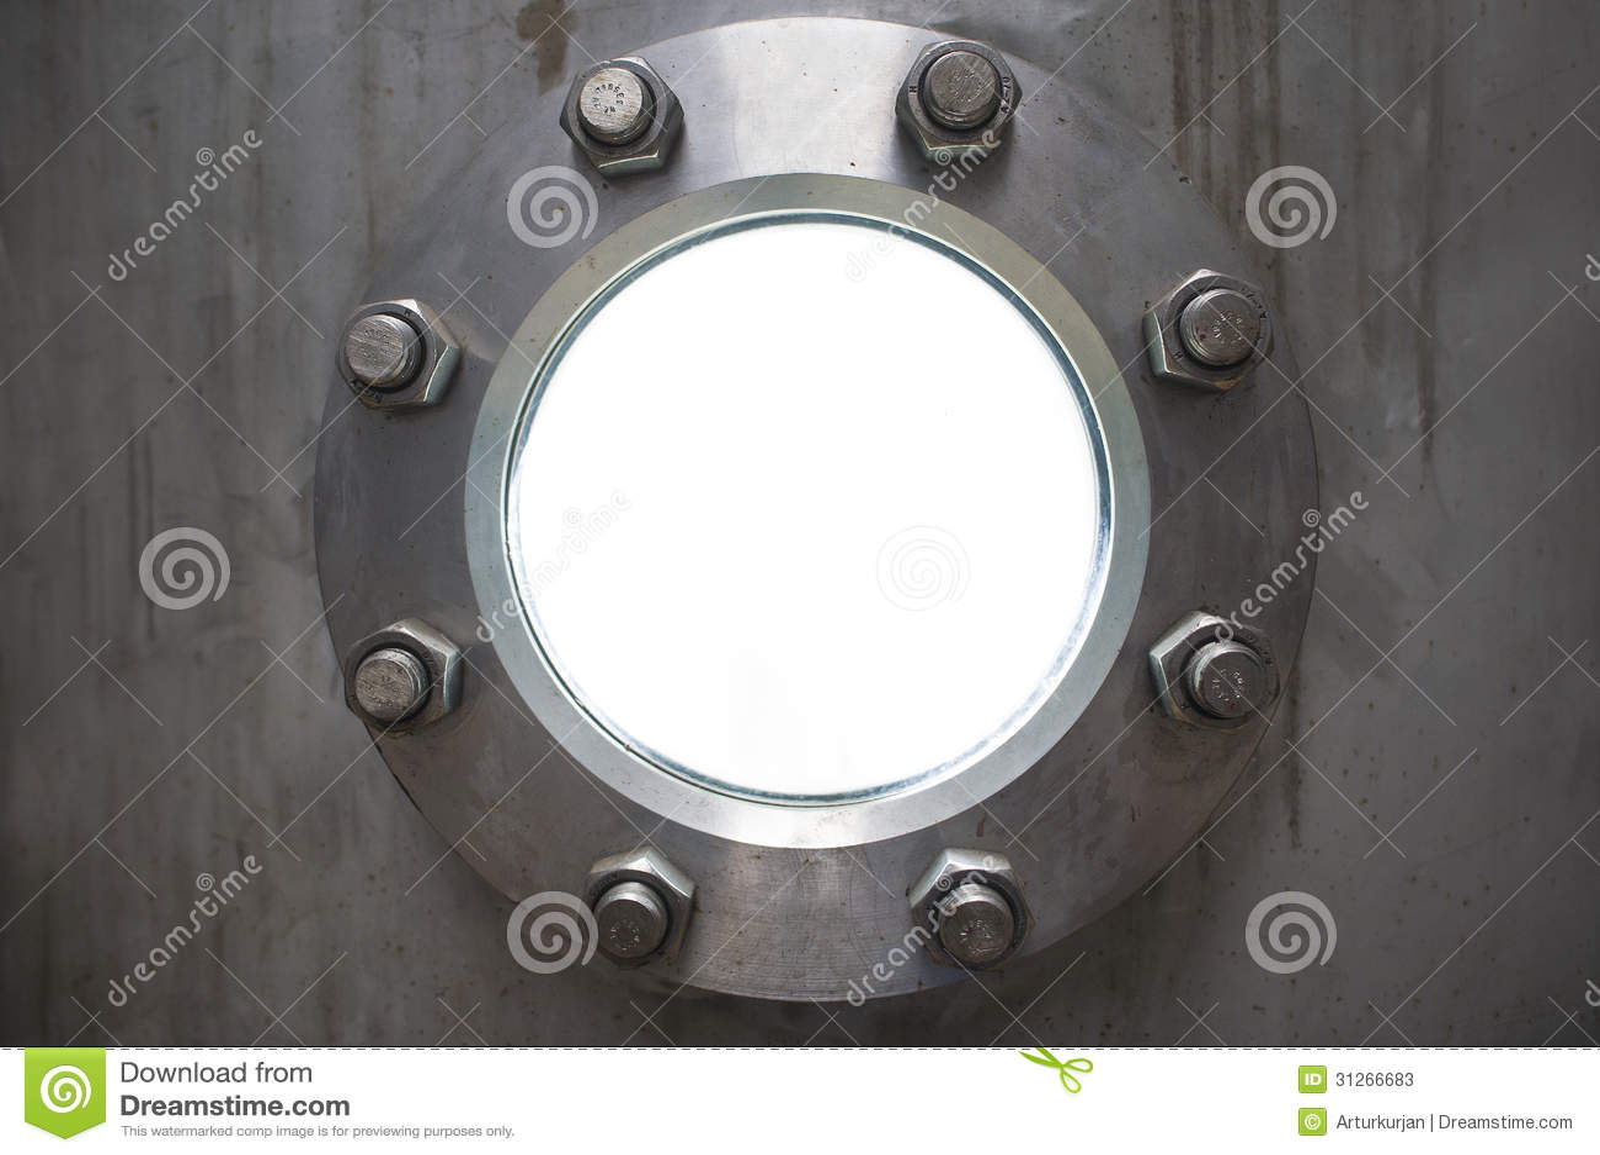 Metalu porthole